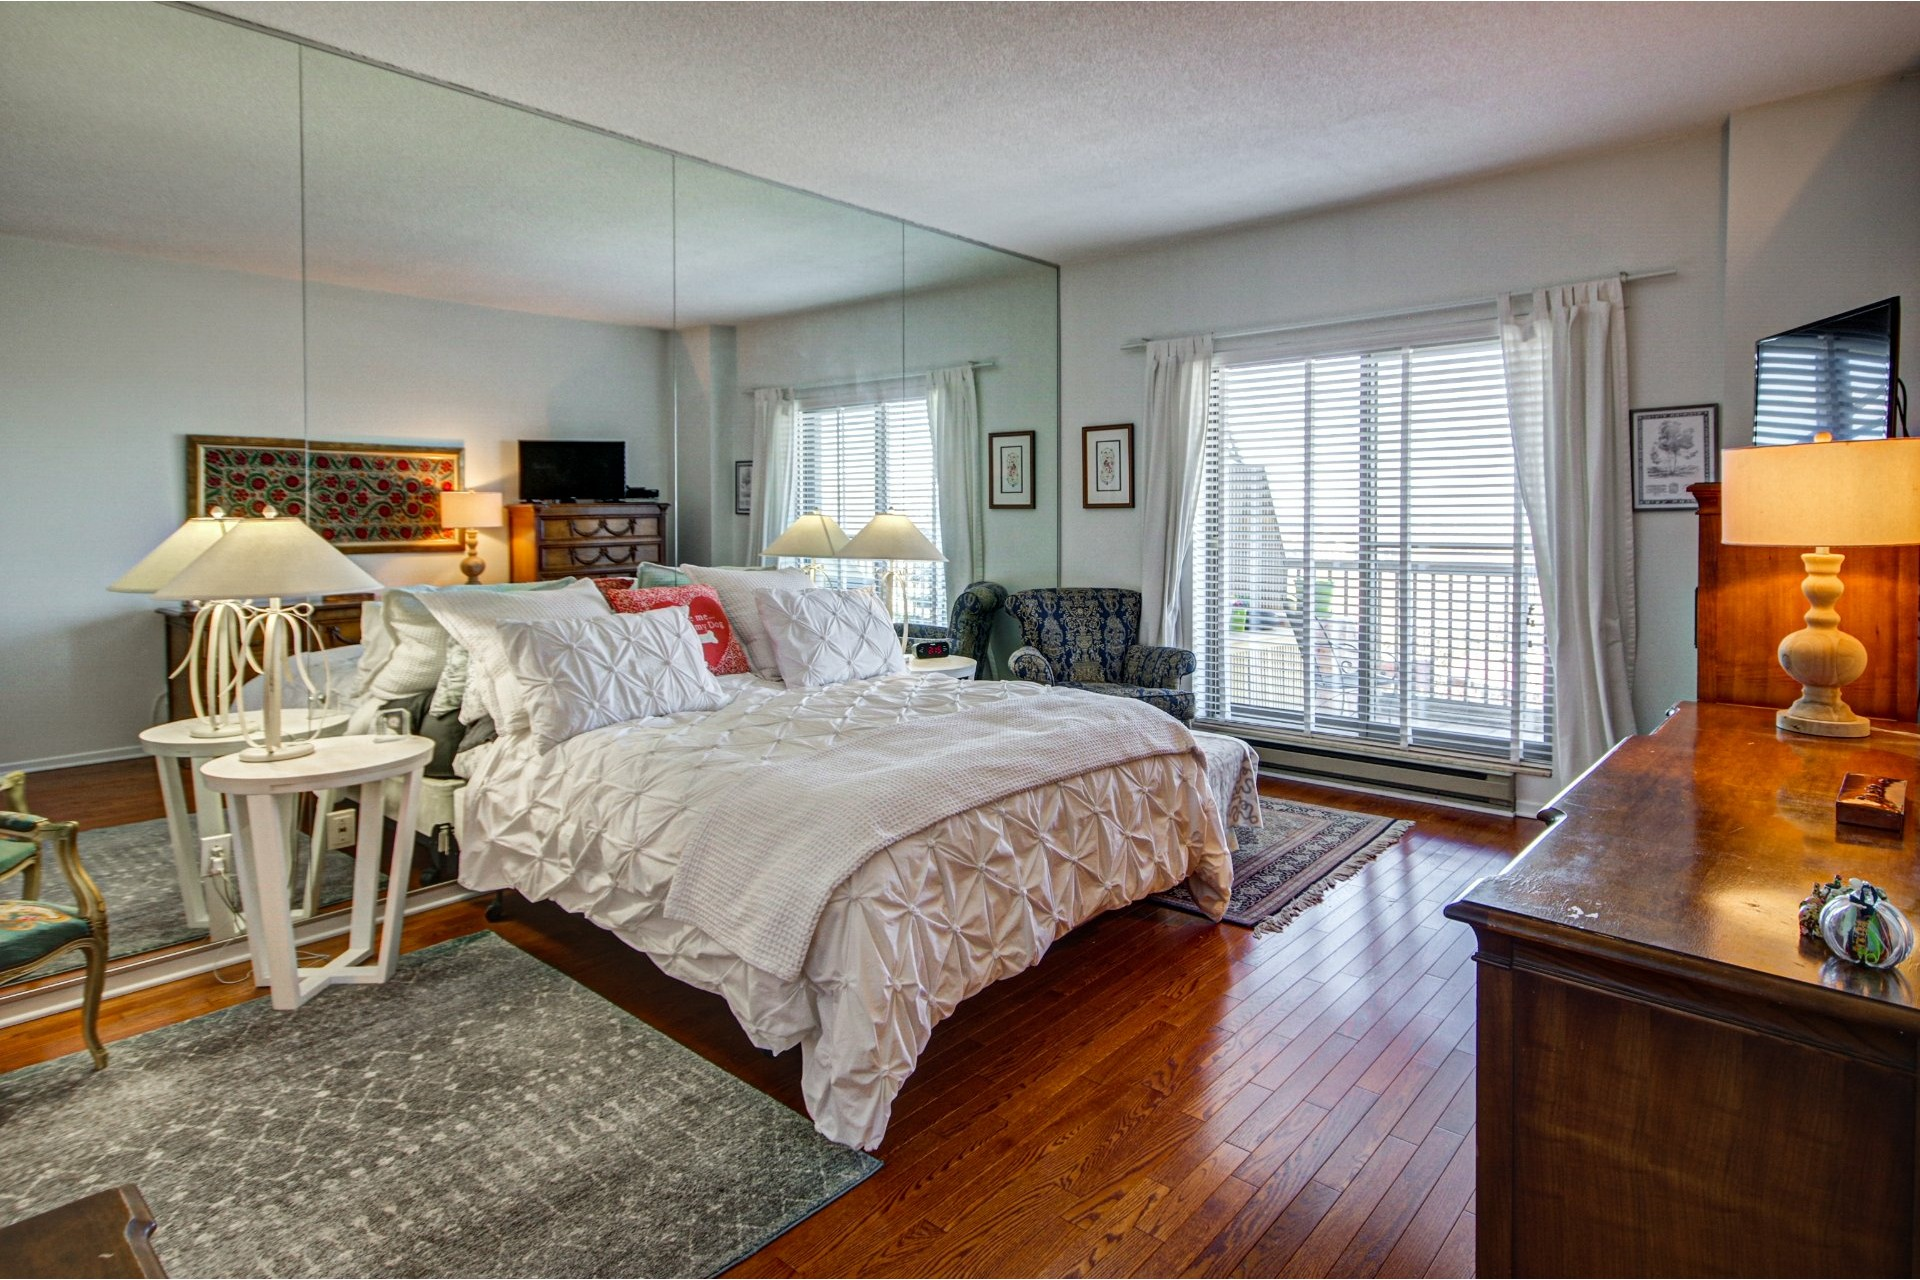 image 28 - Apartment For sale Côte-des-Neiges/Notre-Dame-de-Grâce Montréal  - 5 rooms